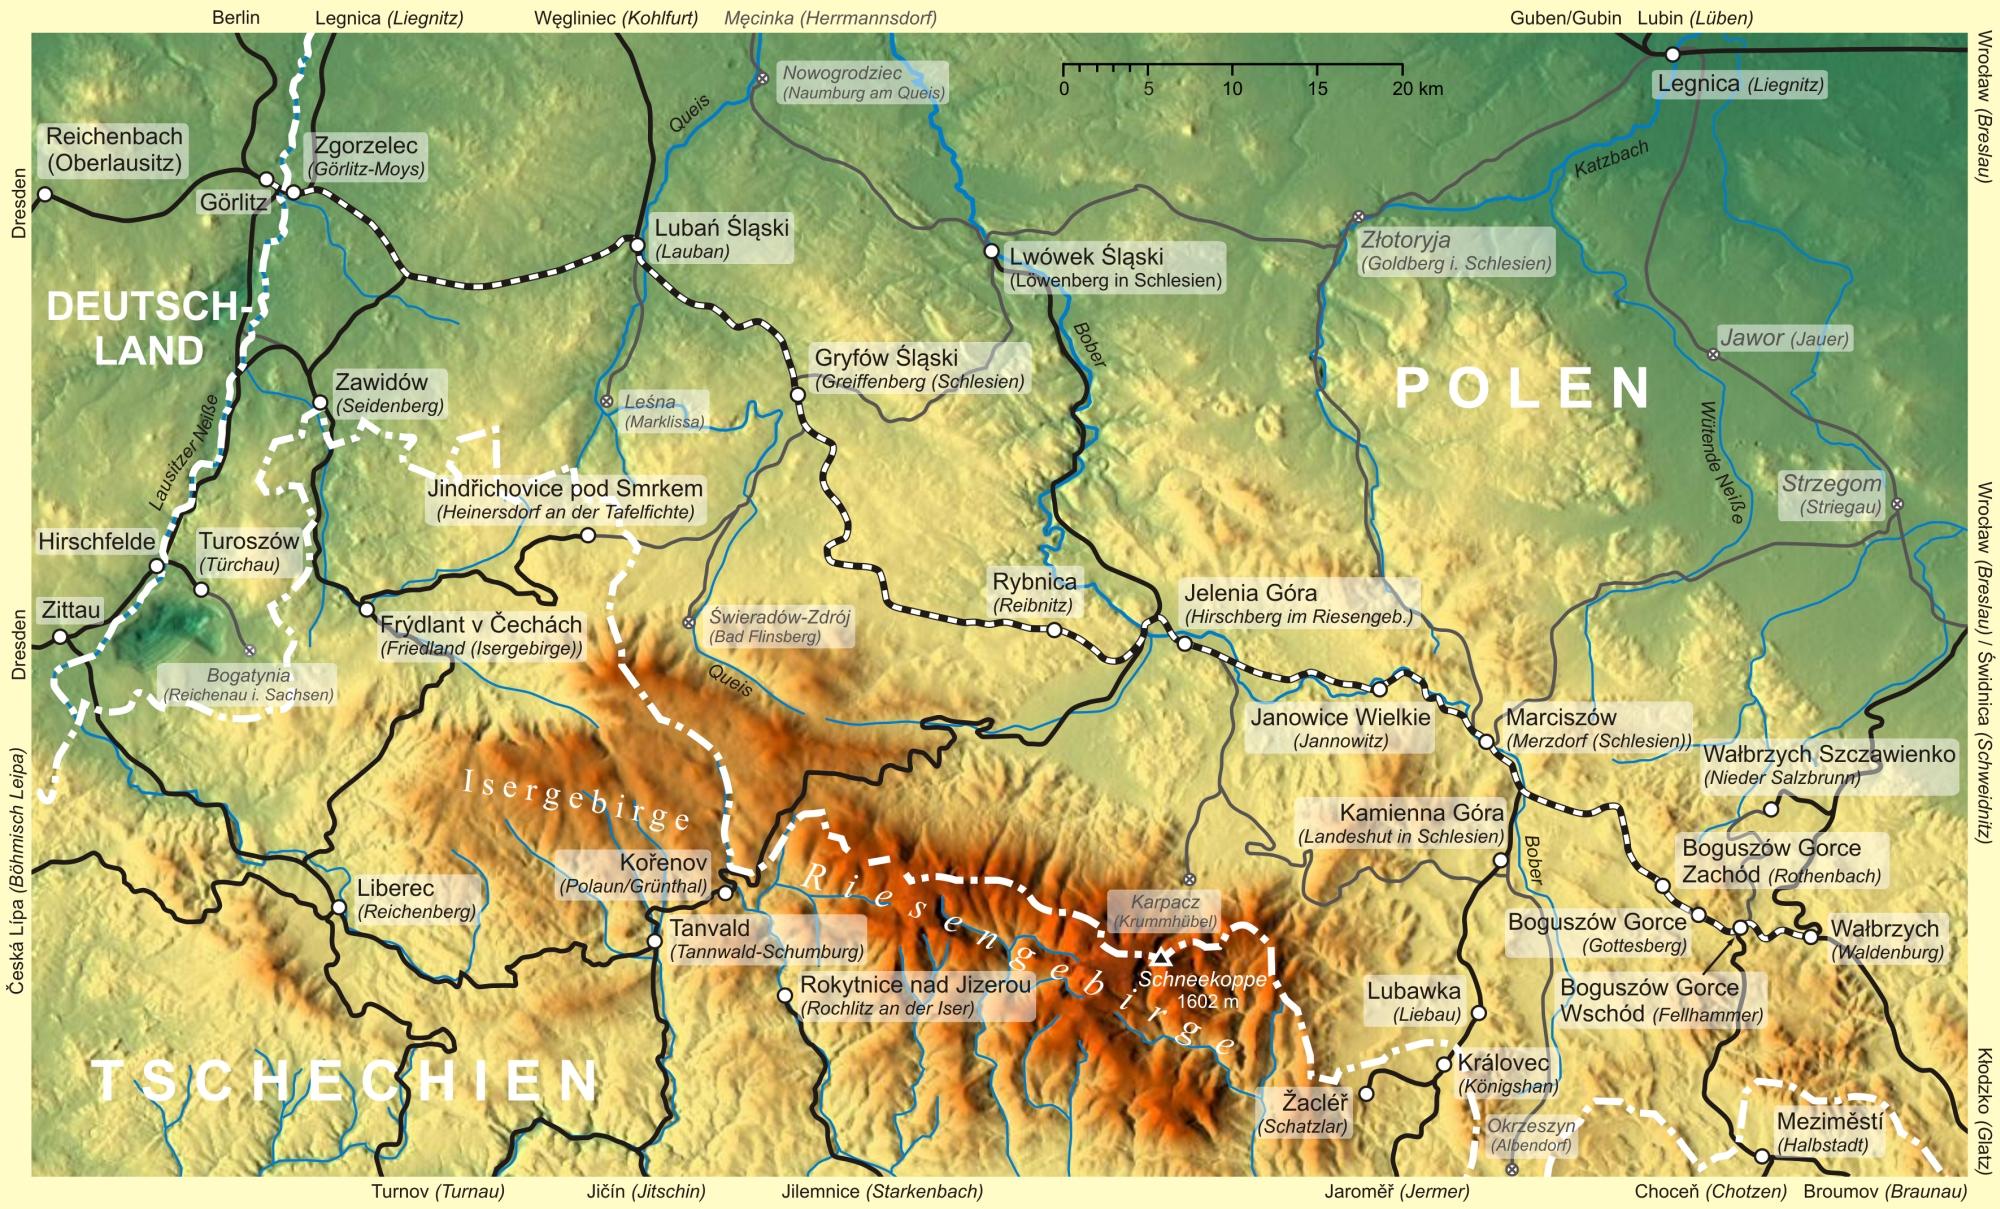 Uralgebirge Karte.Sowjetunion Zweiter Weltkrieg Ostfront